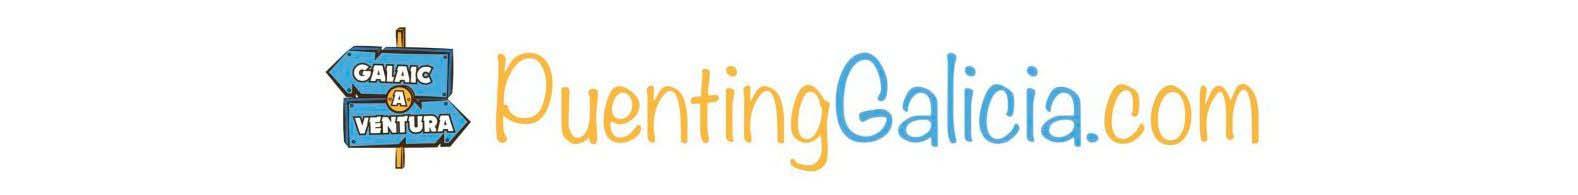 Puenting Galicia